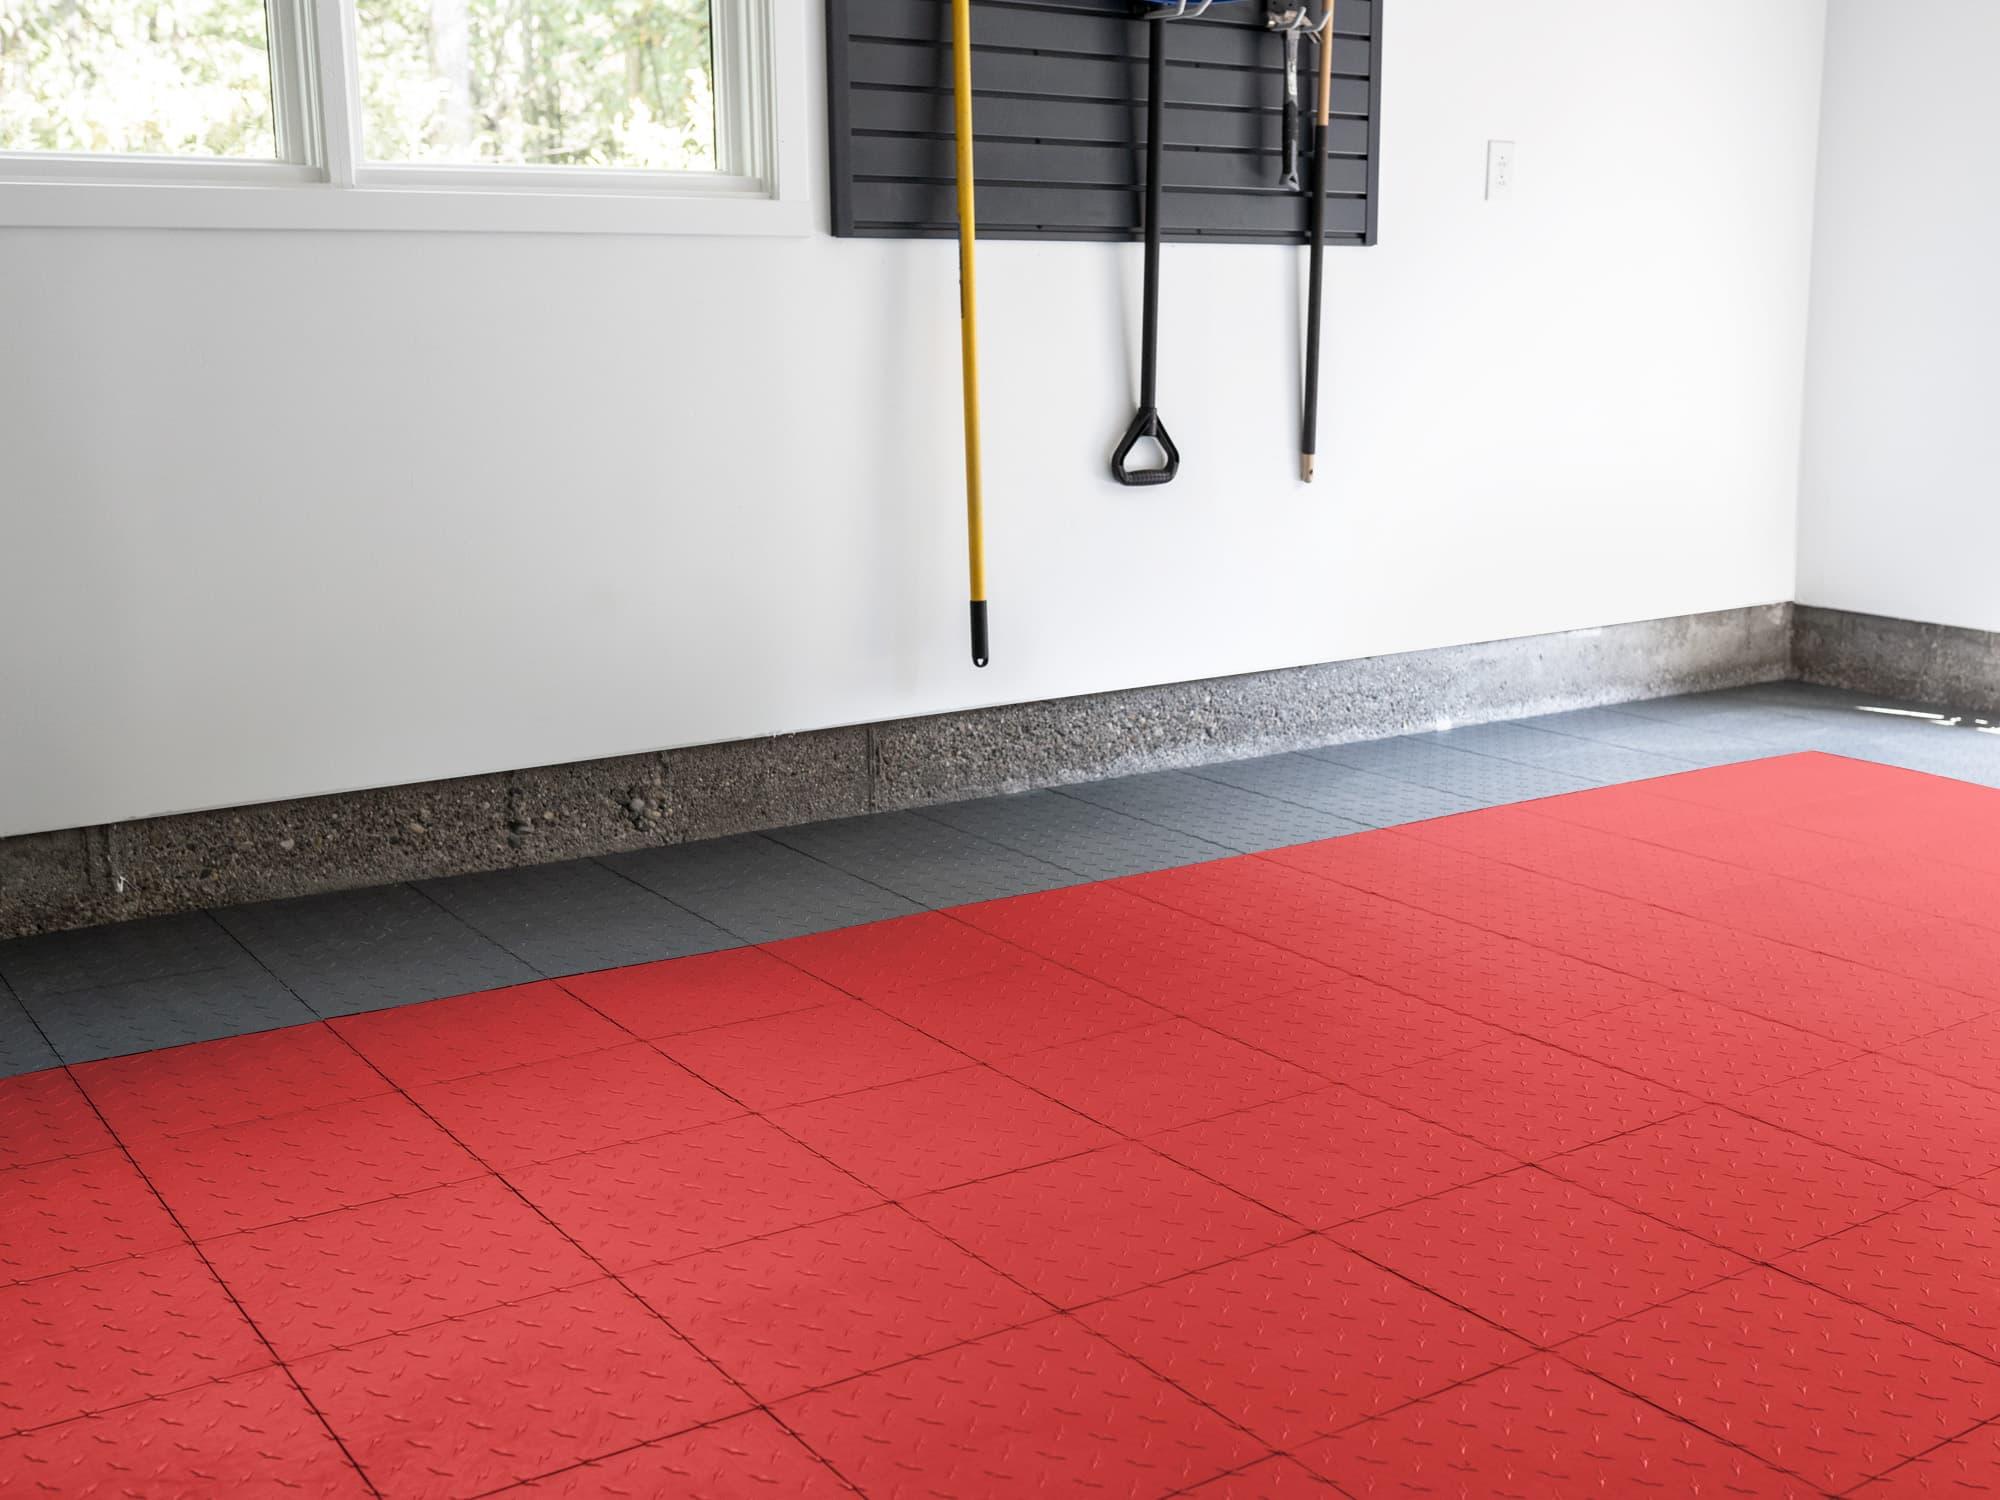 EasyGarge Flooring - Racing Red